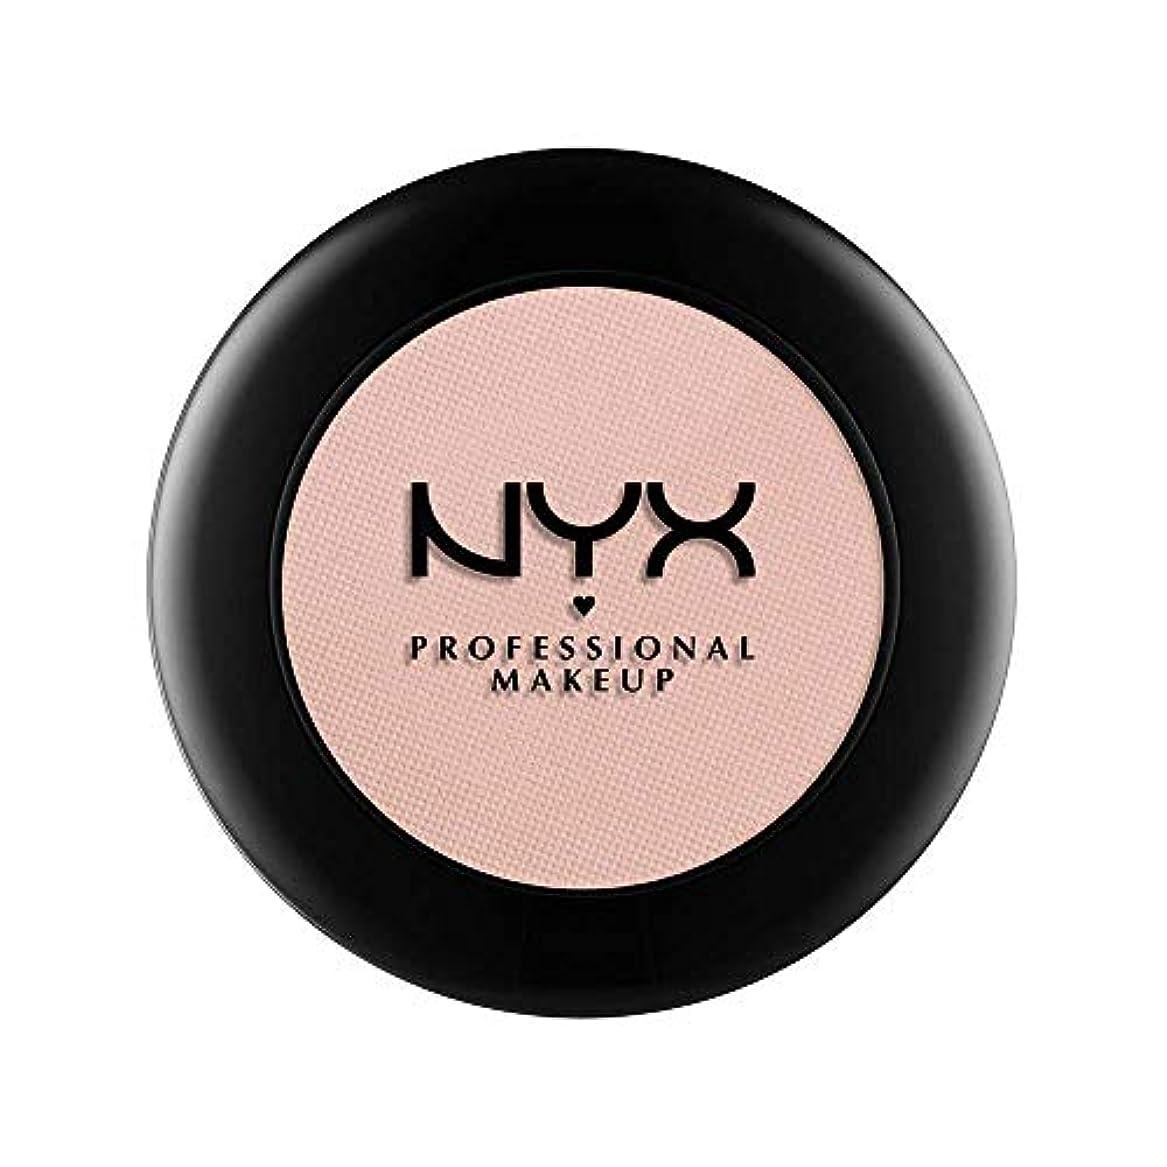 抑制実際の場所NYX(ニックス) ヌード マット シャドウ 17 カラーレザー アンド レース